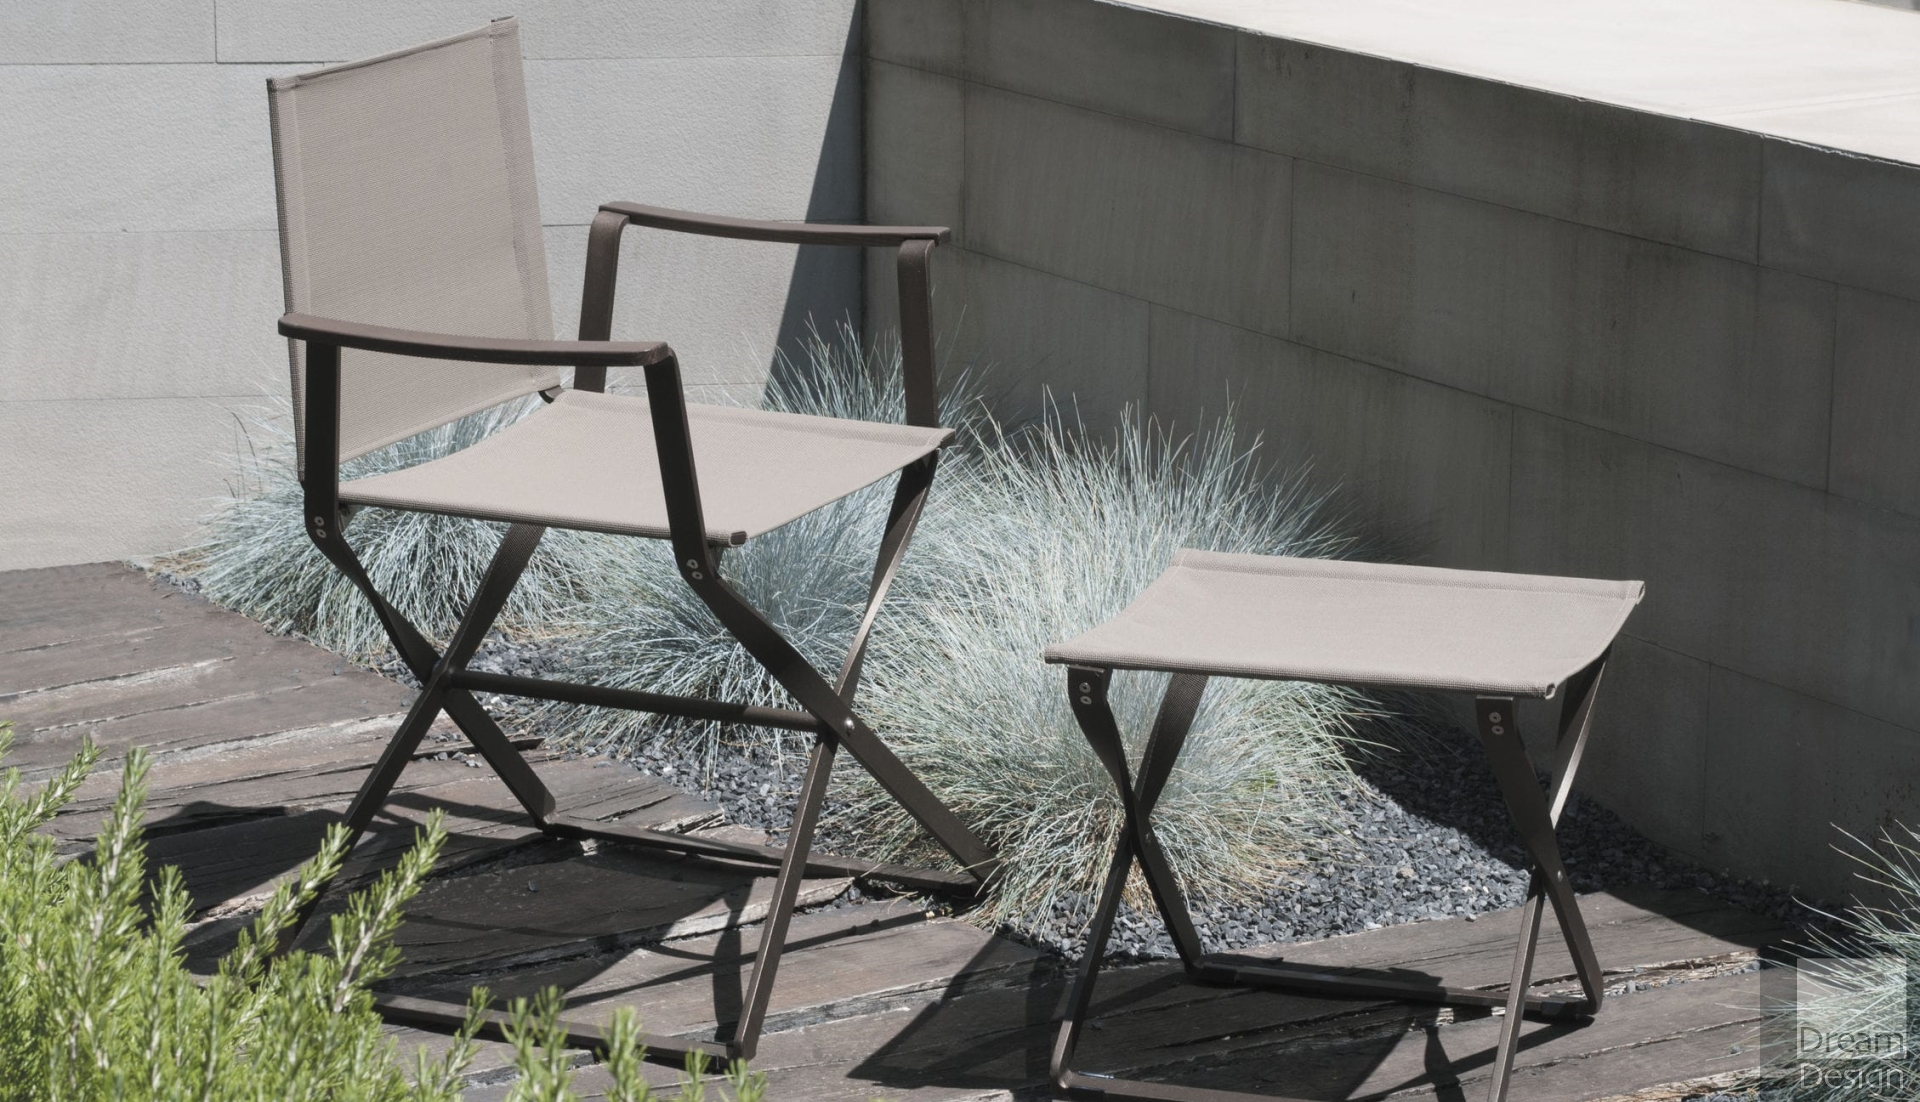 Stupendous Emu Ciak Directors Chair Dream Design Interiors Ltd Squirreltailoven Fun Painted Chair Ideas Images Squirreltailovenorg